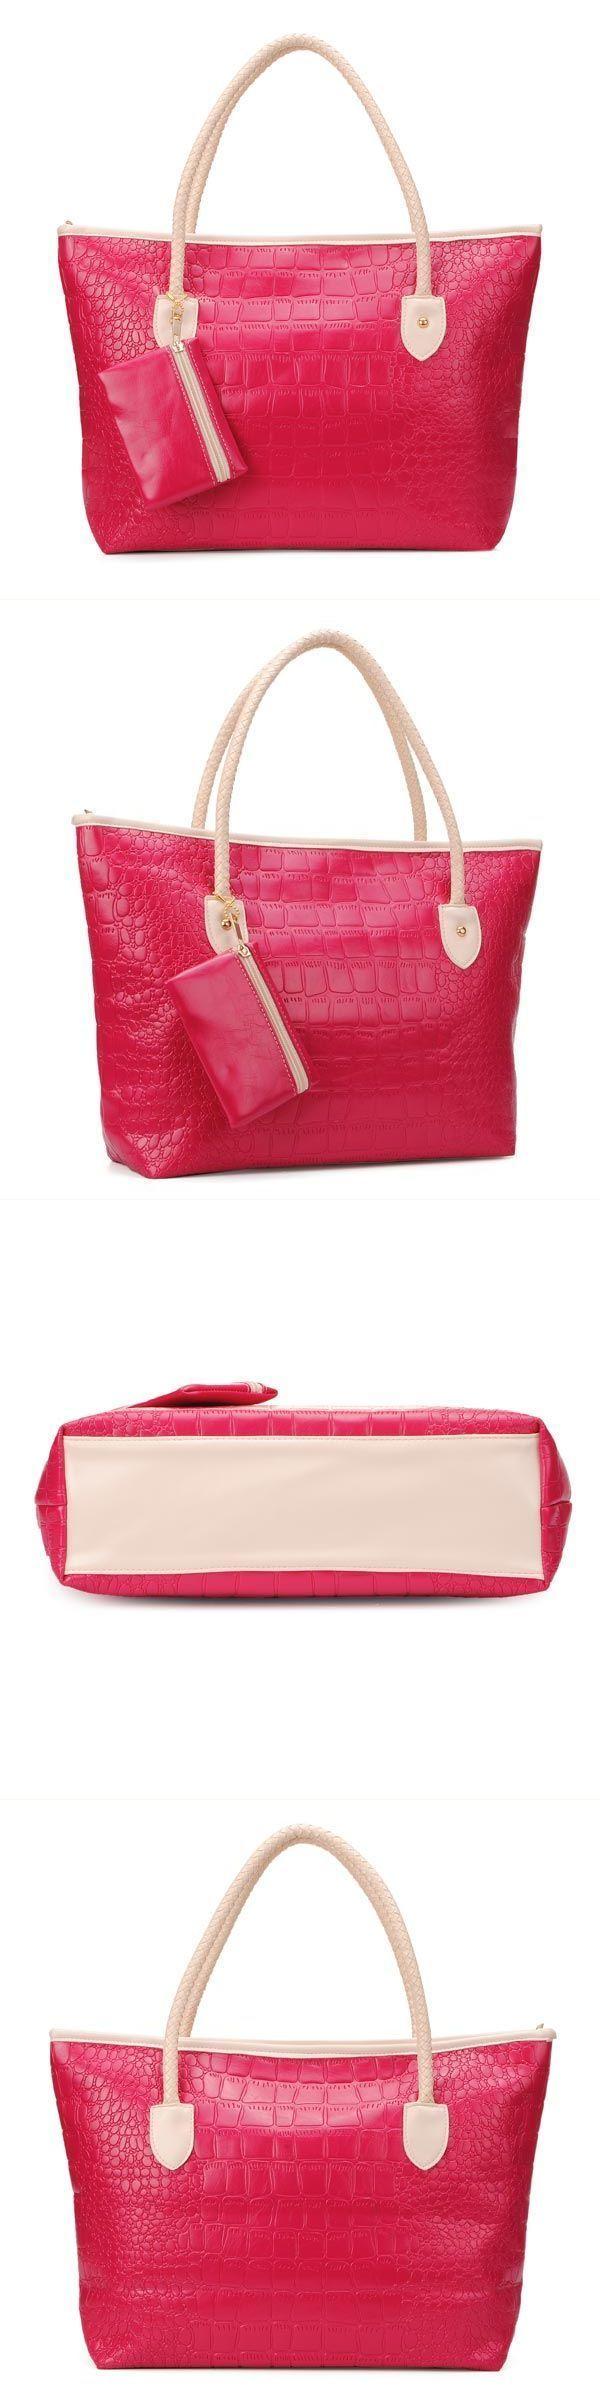 Miss M Handbags Vintage Women Leather Alligator Grain Handbag Shoulder Bag 7 Star 80s And Shoes Hanger